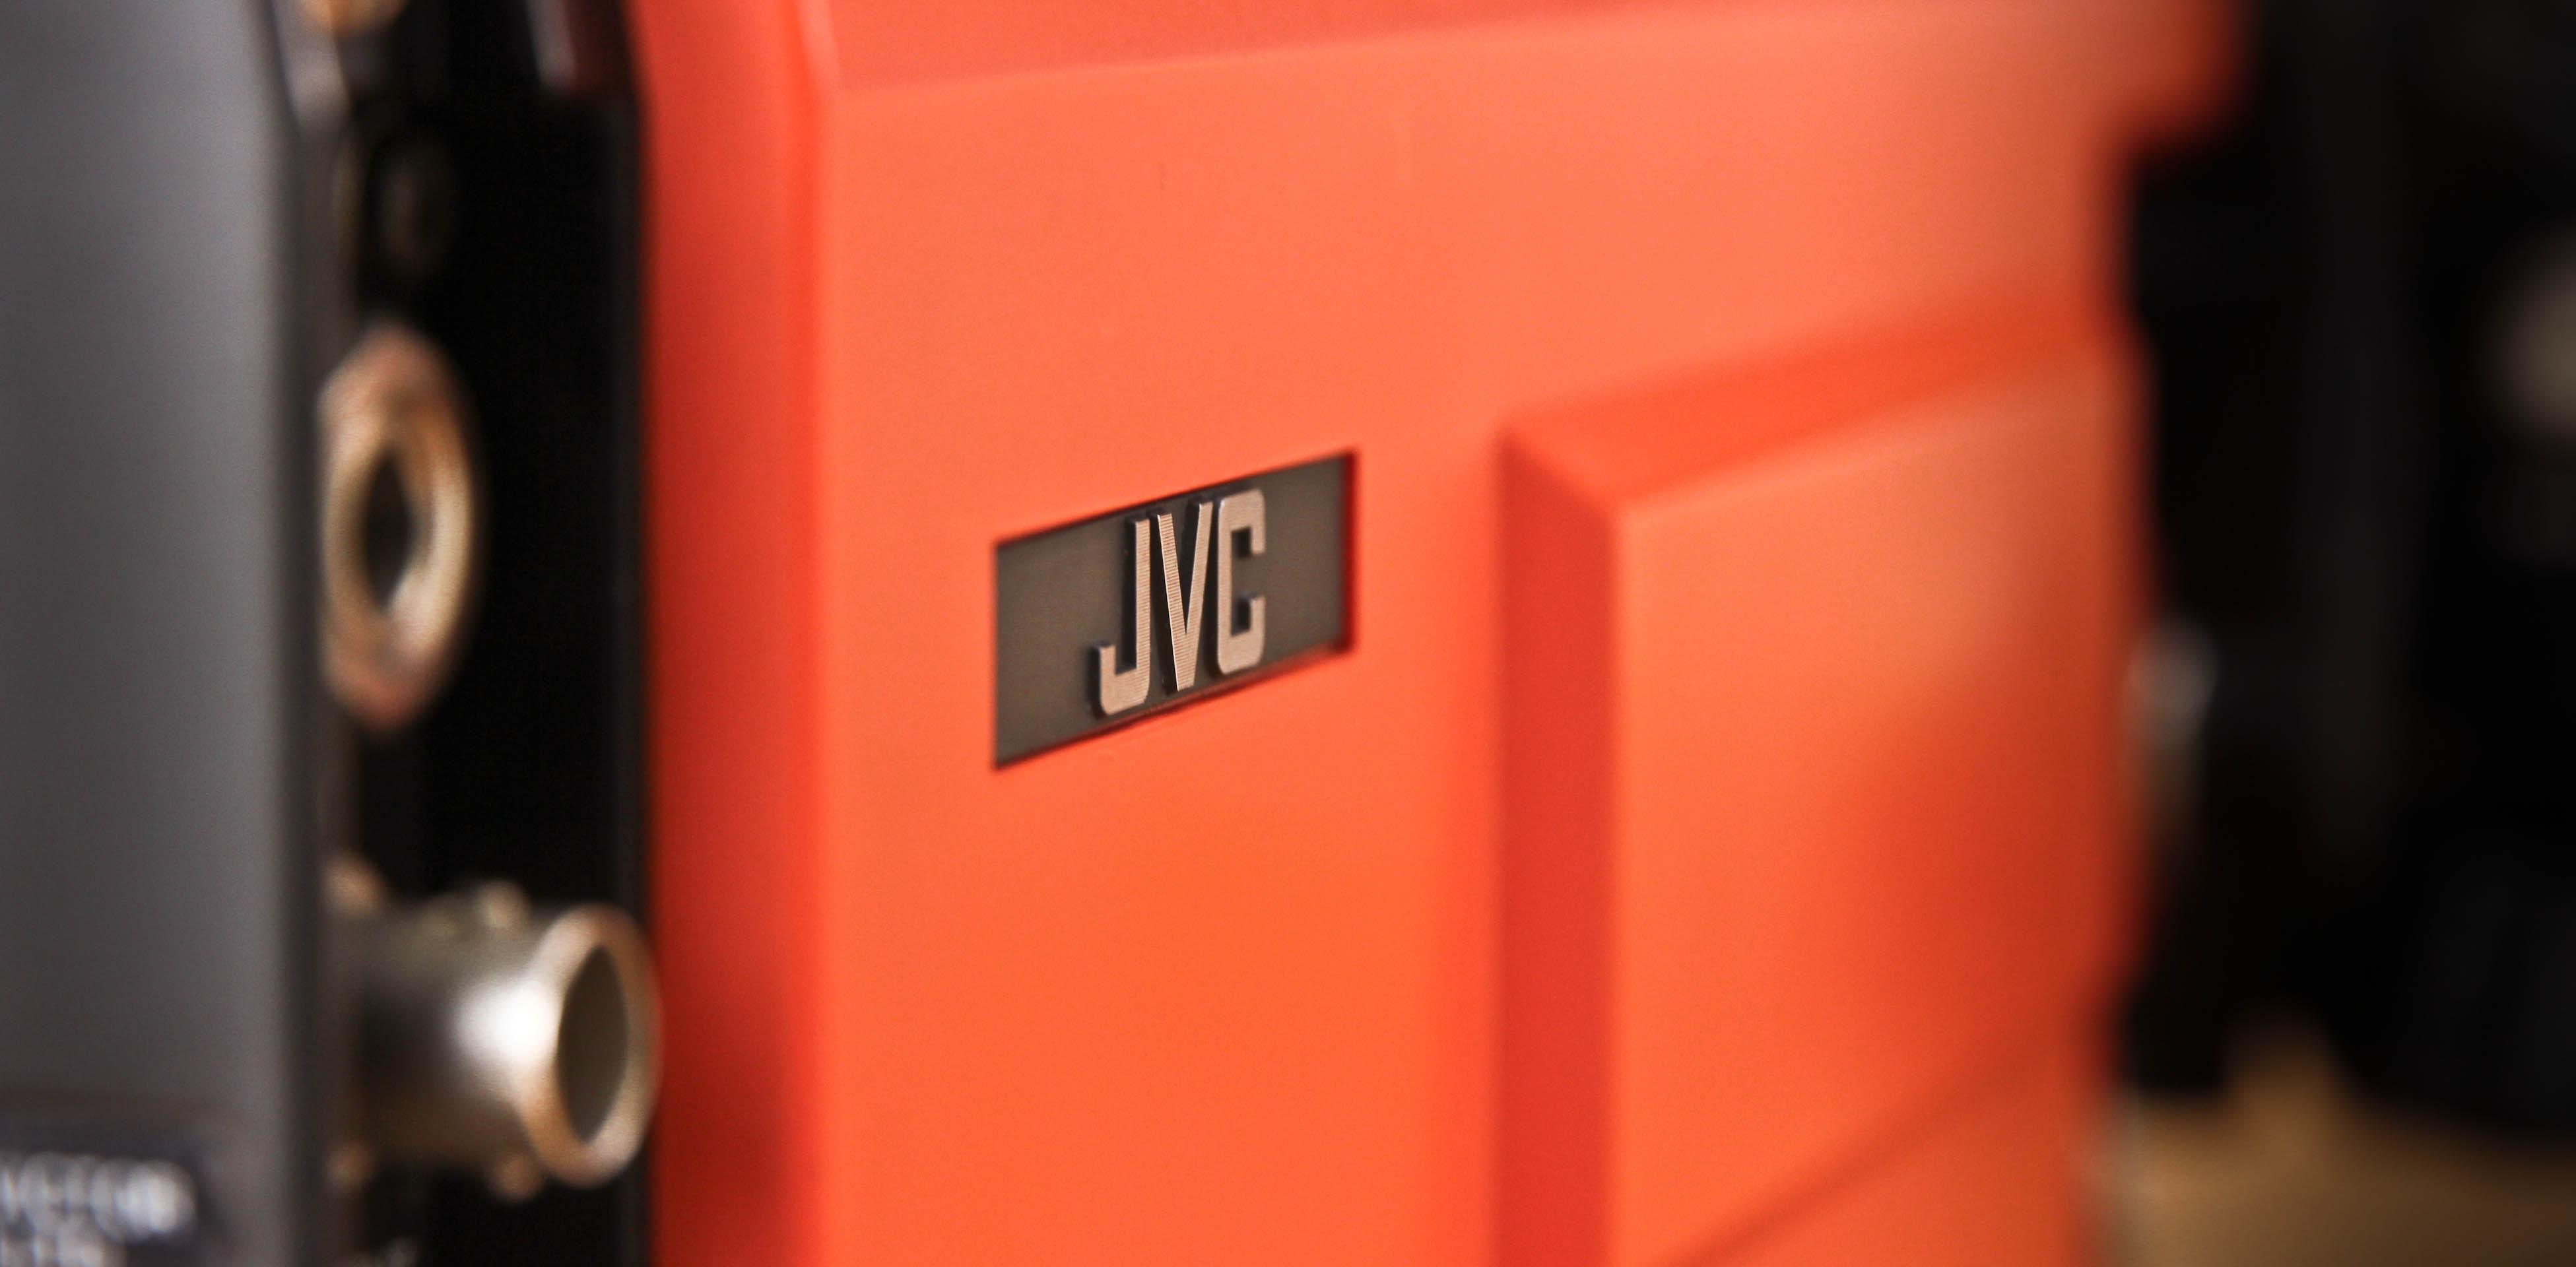 JVC KY-1900E -  (9 von 11)